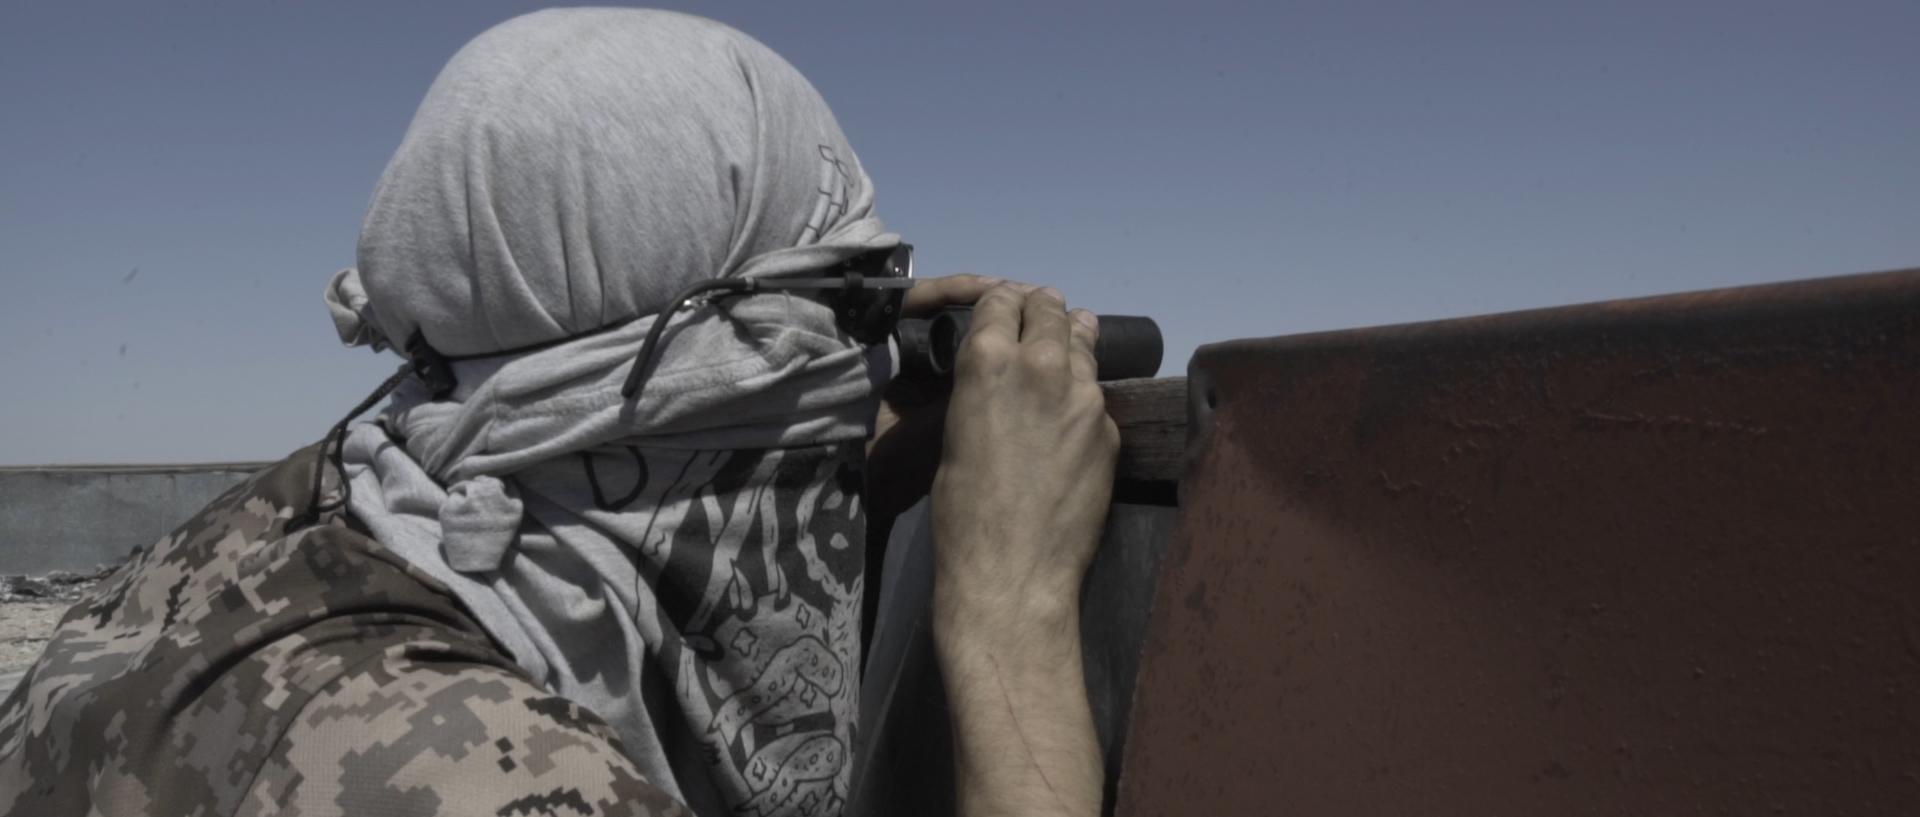 Ангел Ангелов про документальний фільм «Байконур. Вторгнення», екстремальні експедиції та «дослідження часу»